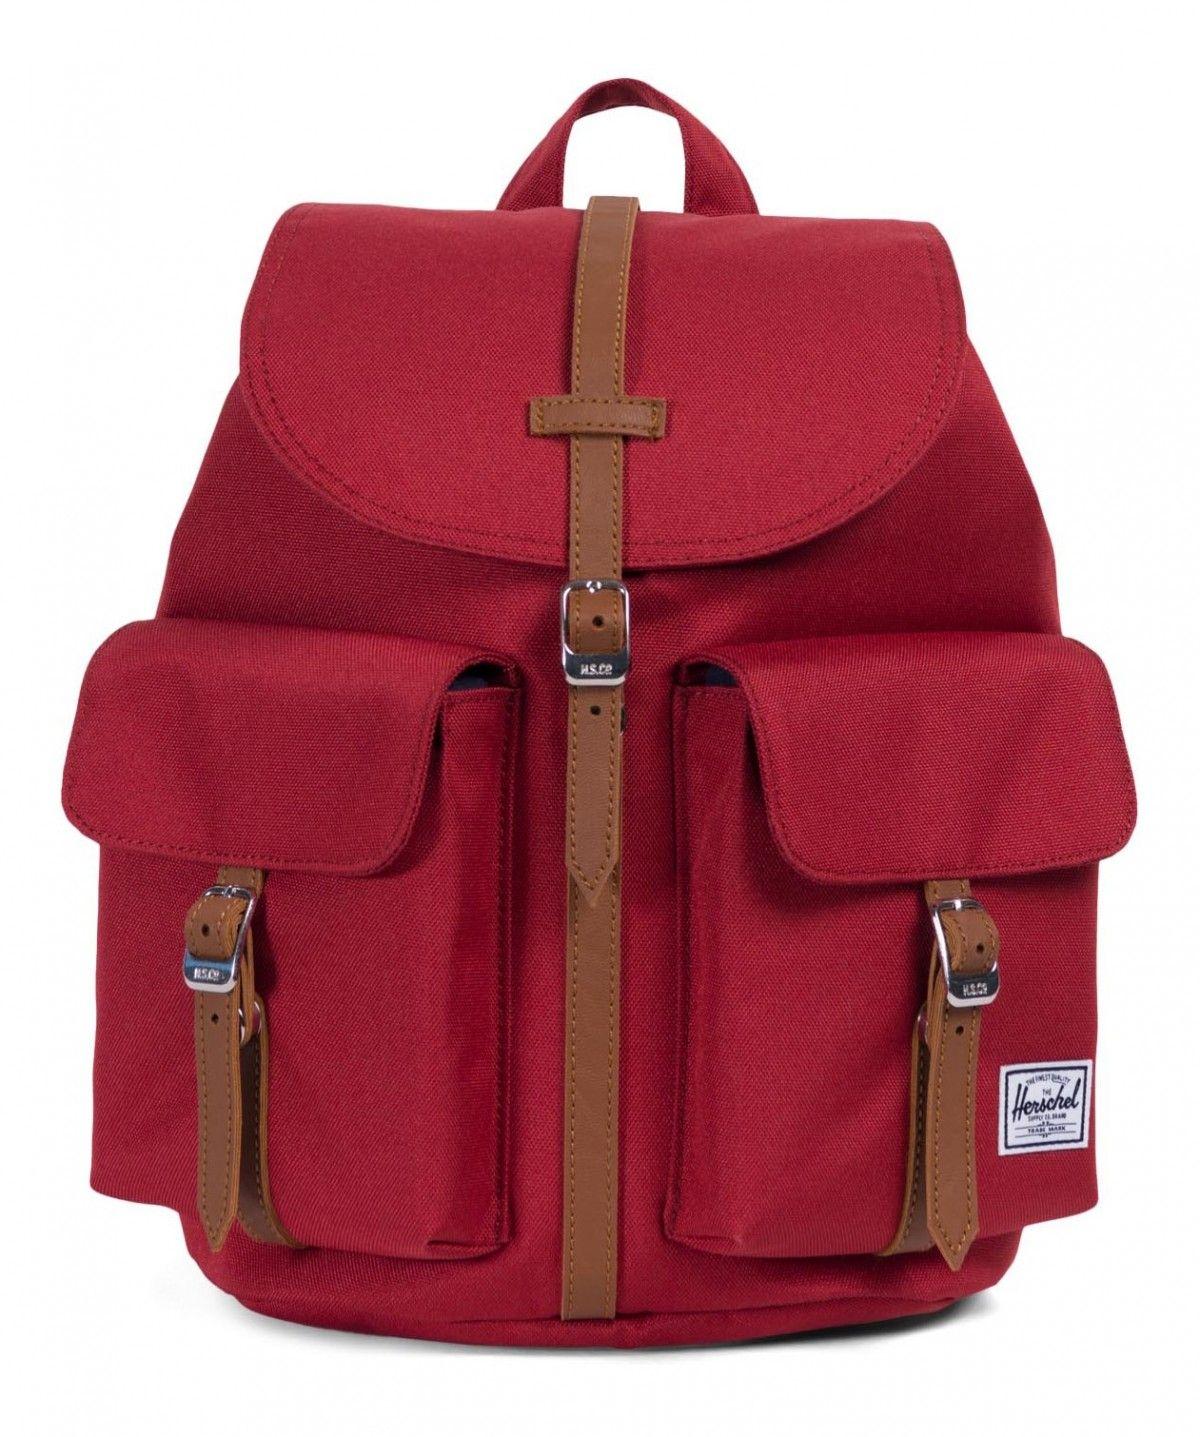 d9fb934fb82 Herschel Dawson XS 600D Poly Brick Red Tan